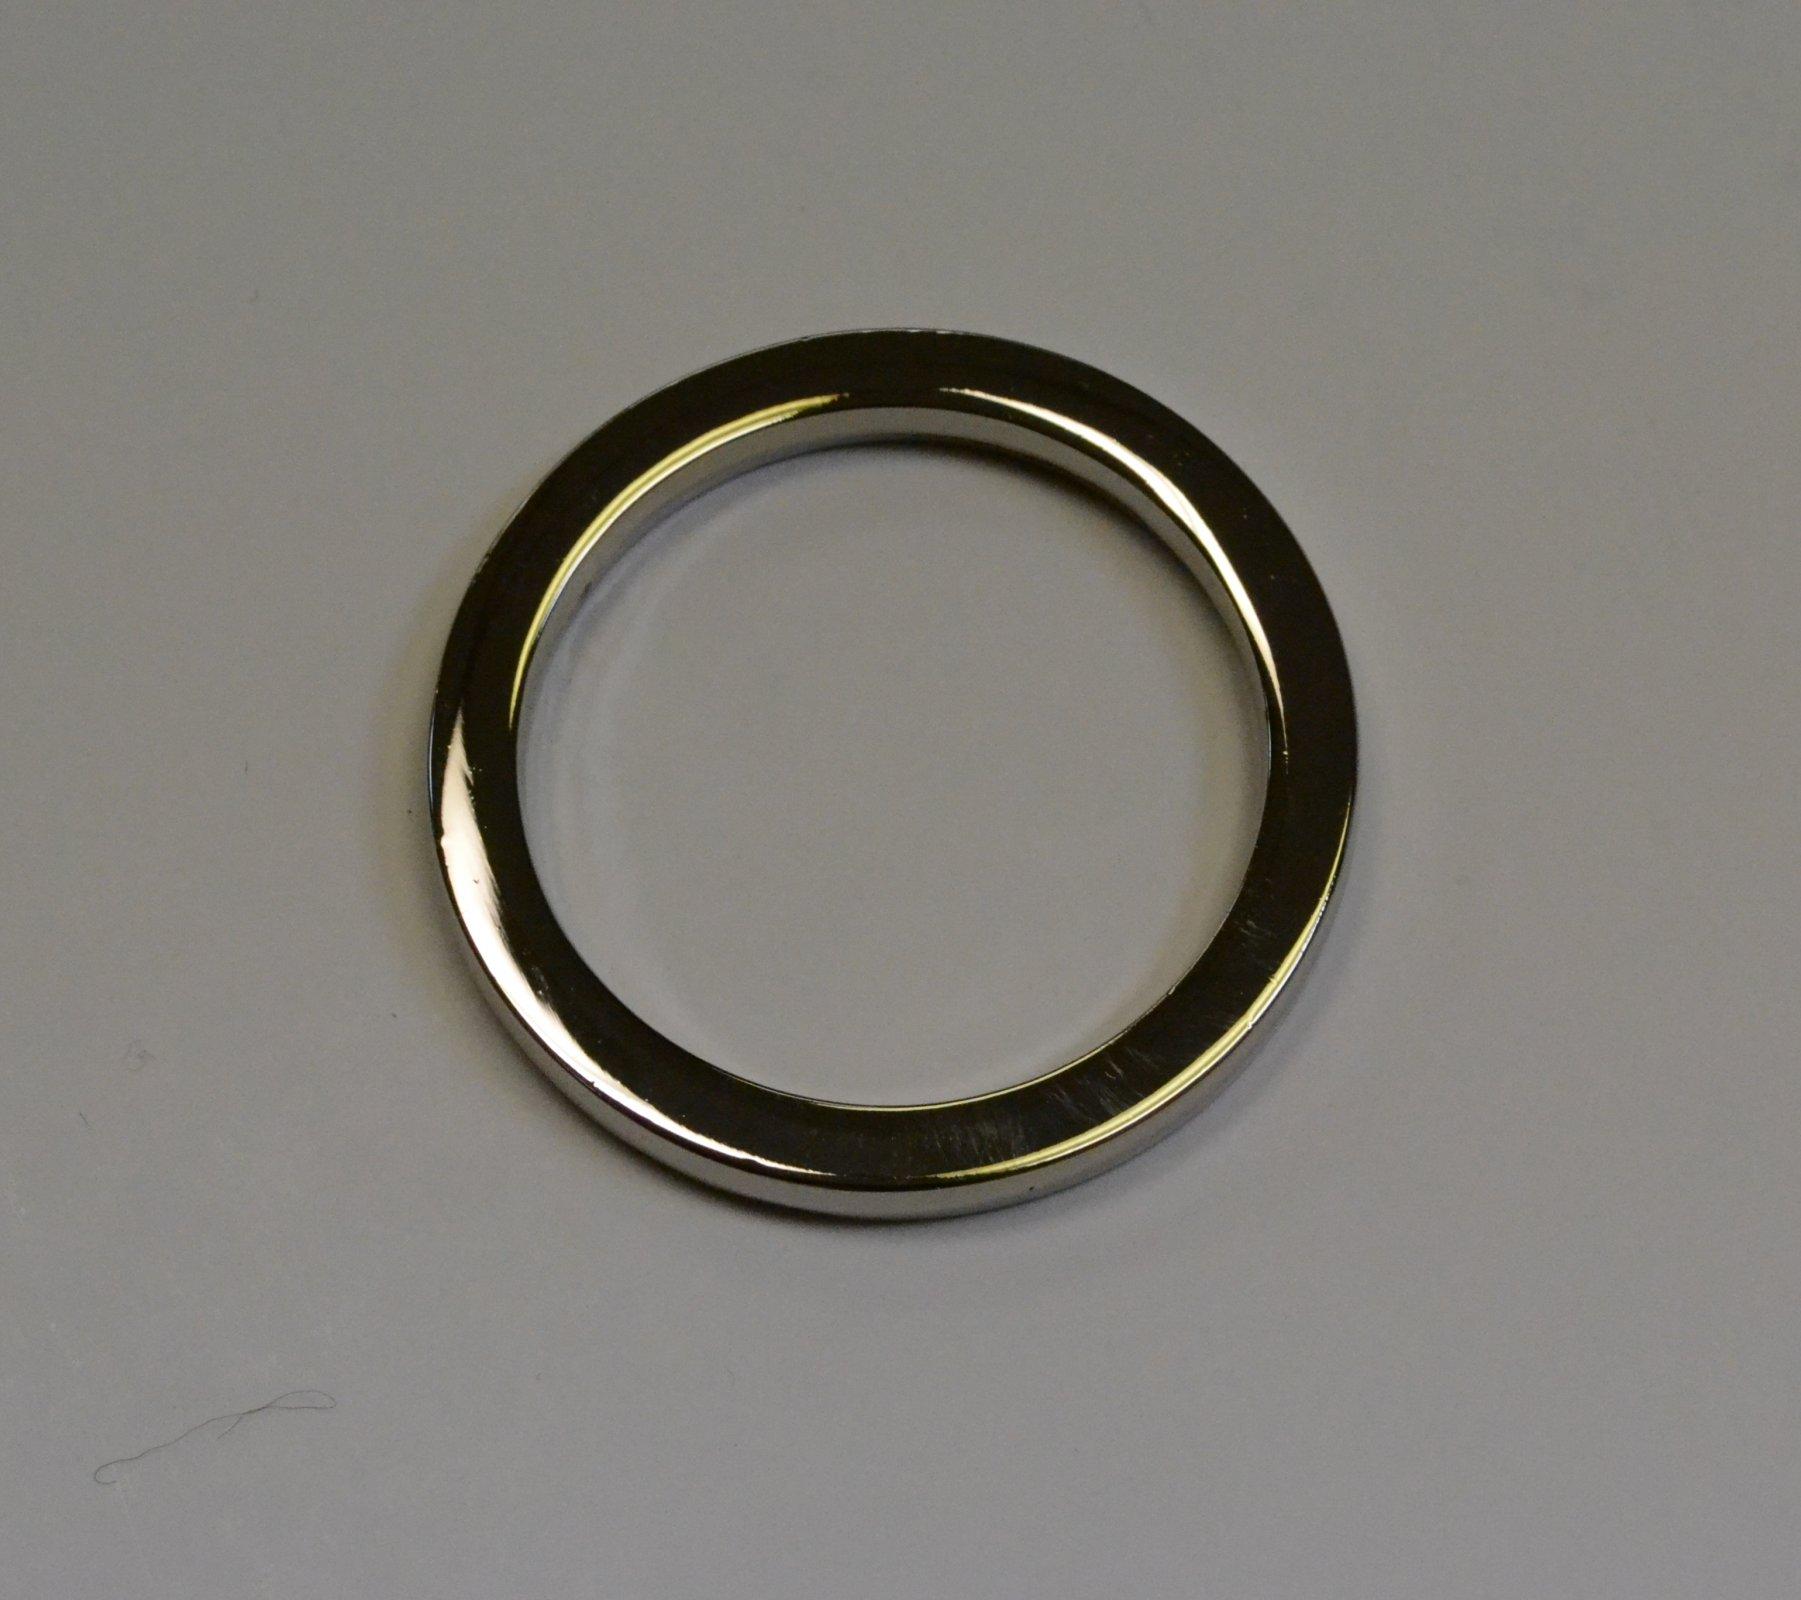 Flat Purse Rings